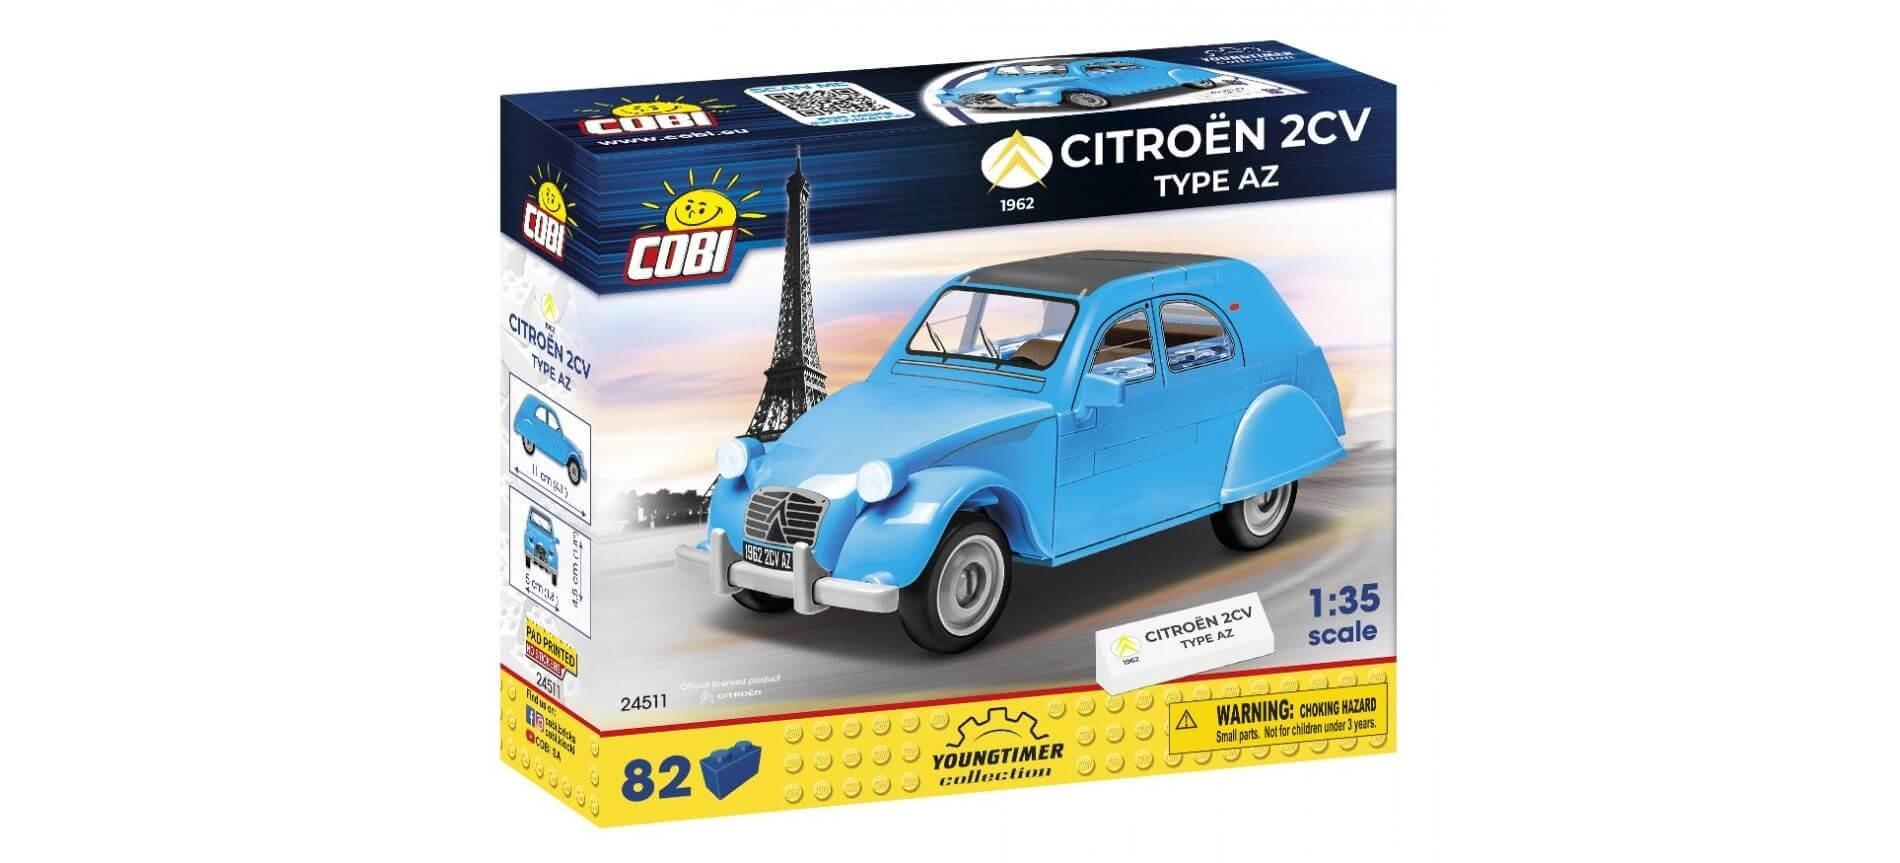 24511 - Citroën 2CV Type AZ